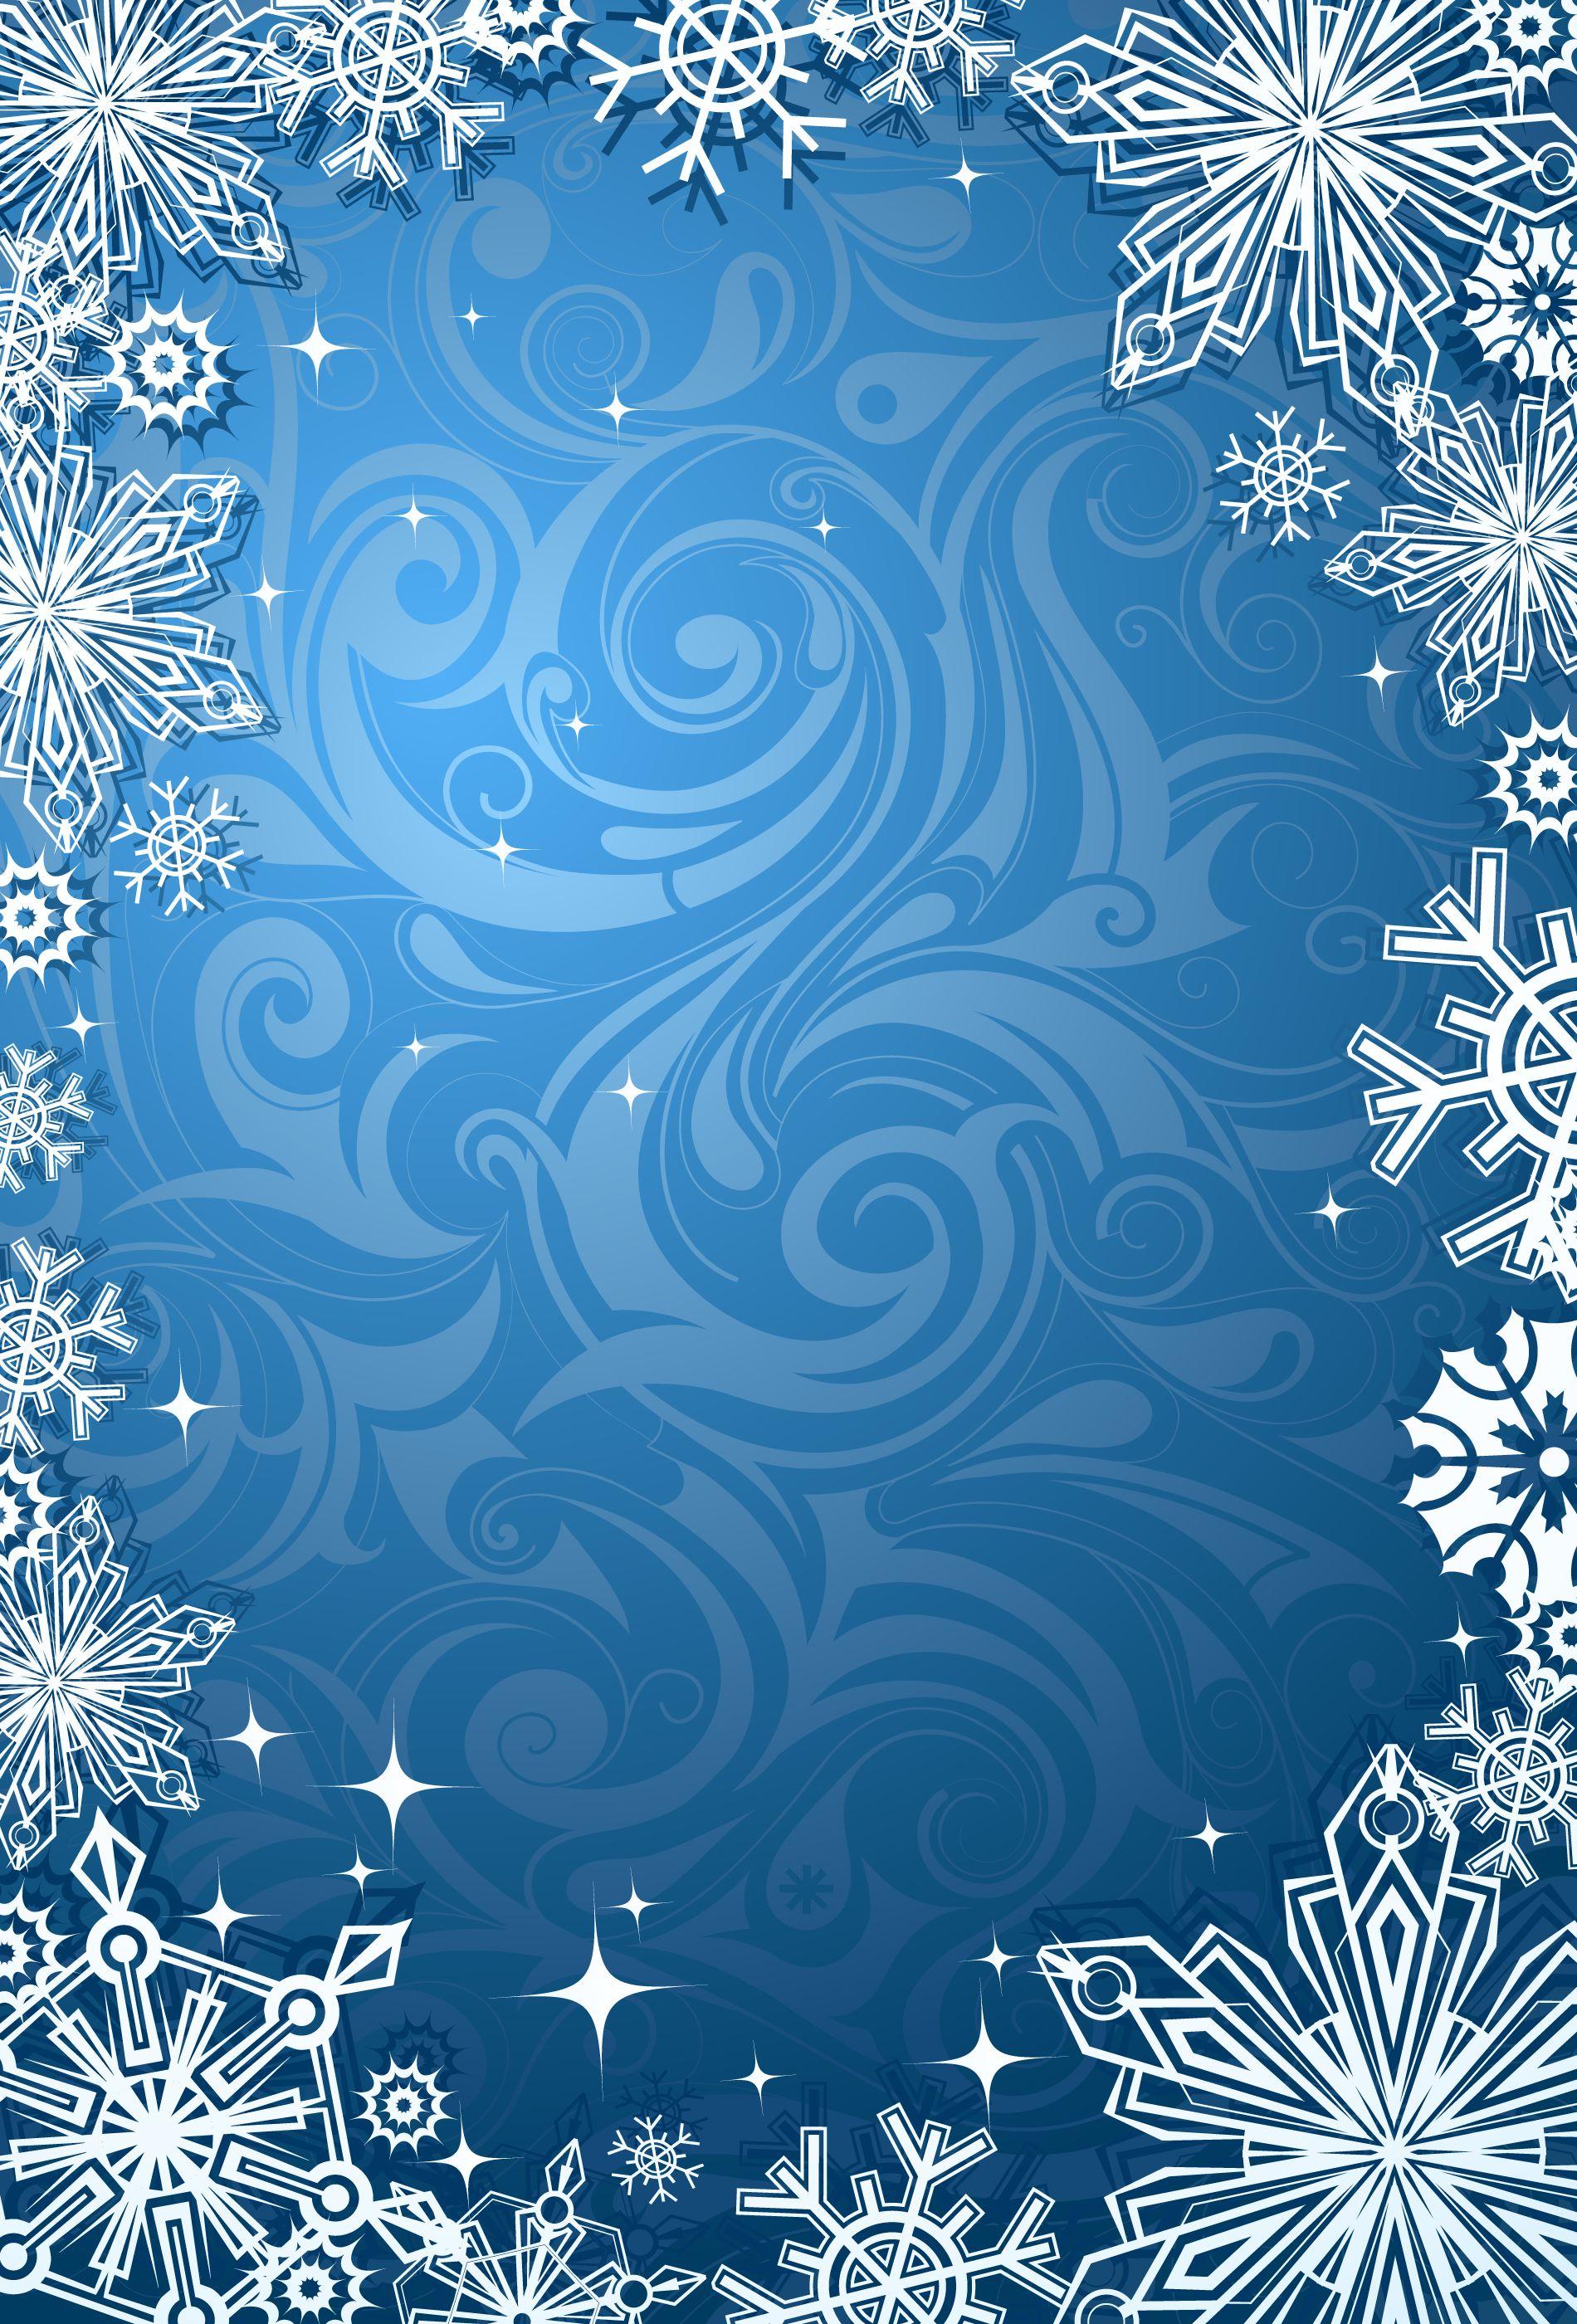 Фон для открытки зима, днем рождения месяц